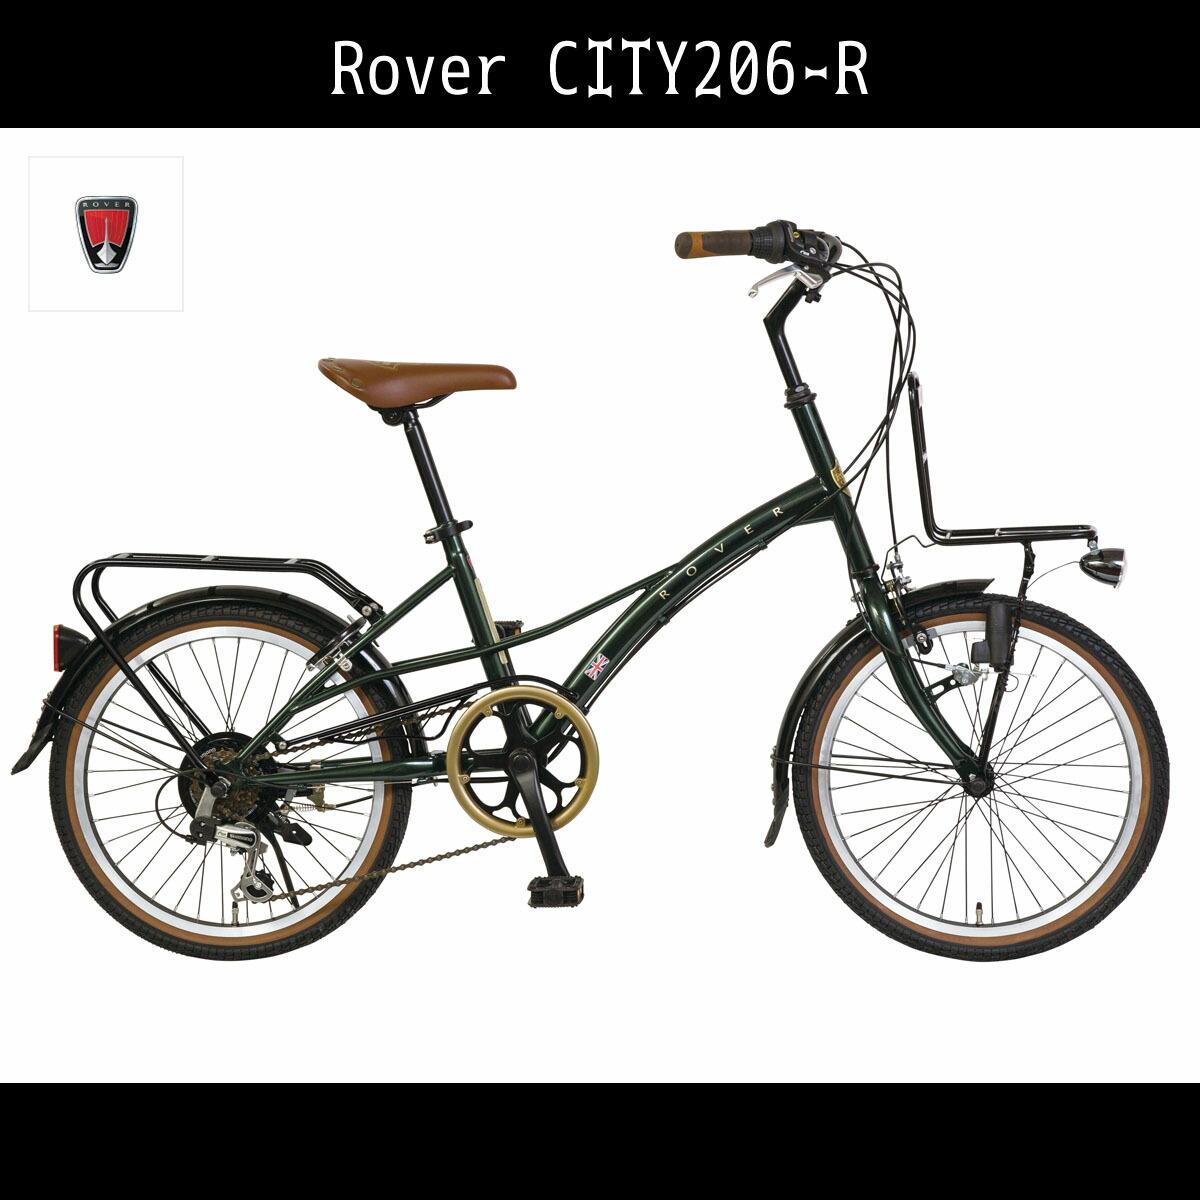 ミニベロ ローバー 自転車 小径車 グリーン/緑色20インチ ミニベロ 外装6段変速ギア LEDライト 鍵付き Rover 自転車 CITY206-R